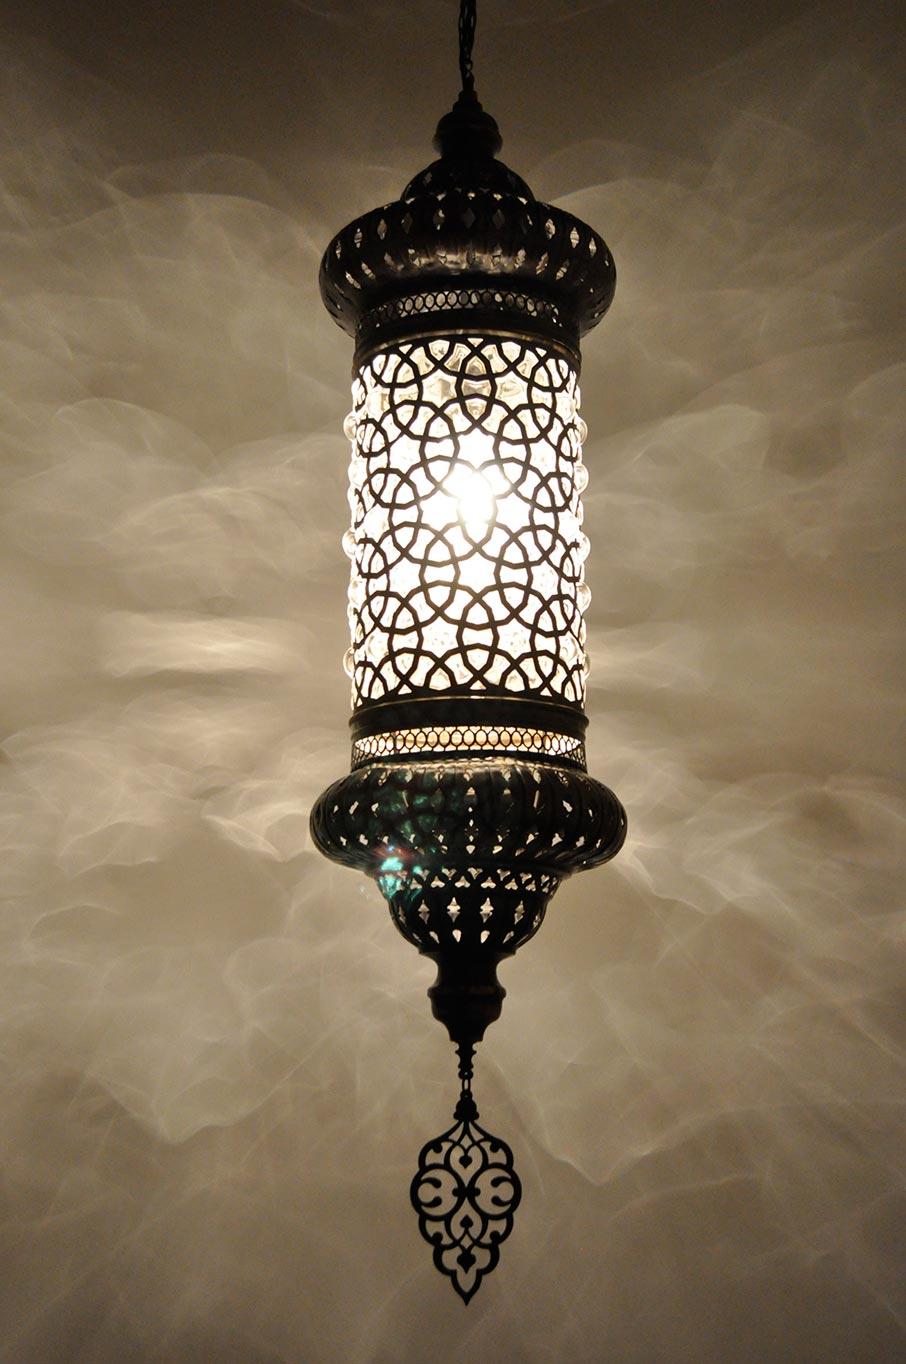 Lampe ottomane suspendue